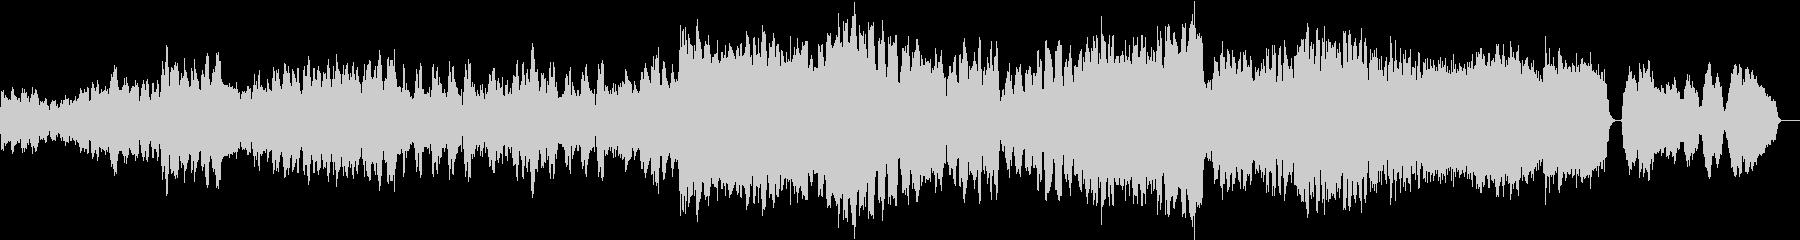 ジャン・シベリウス クオレマの未再生の波形